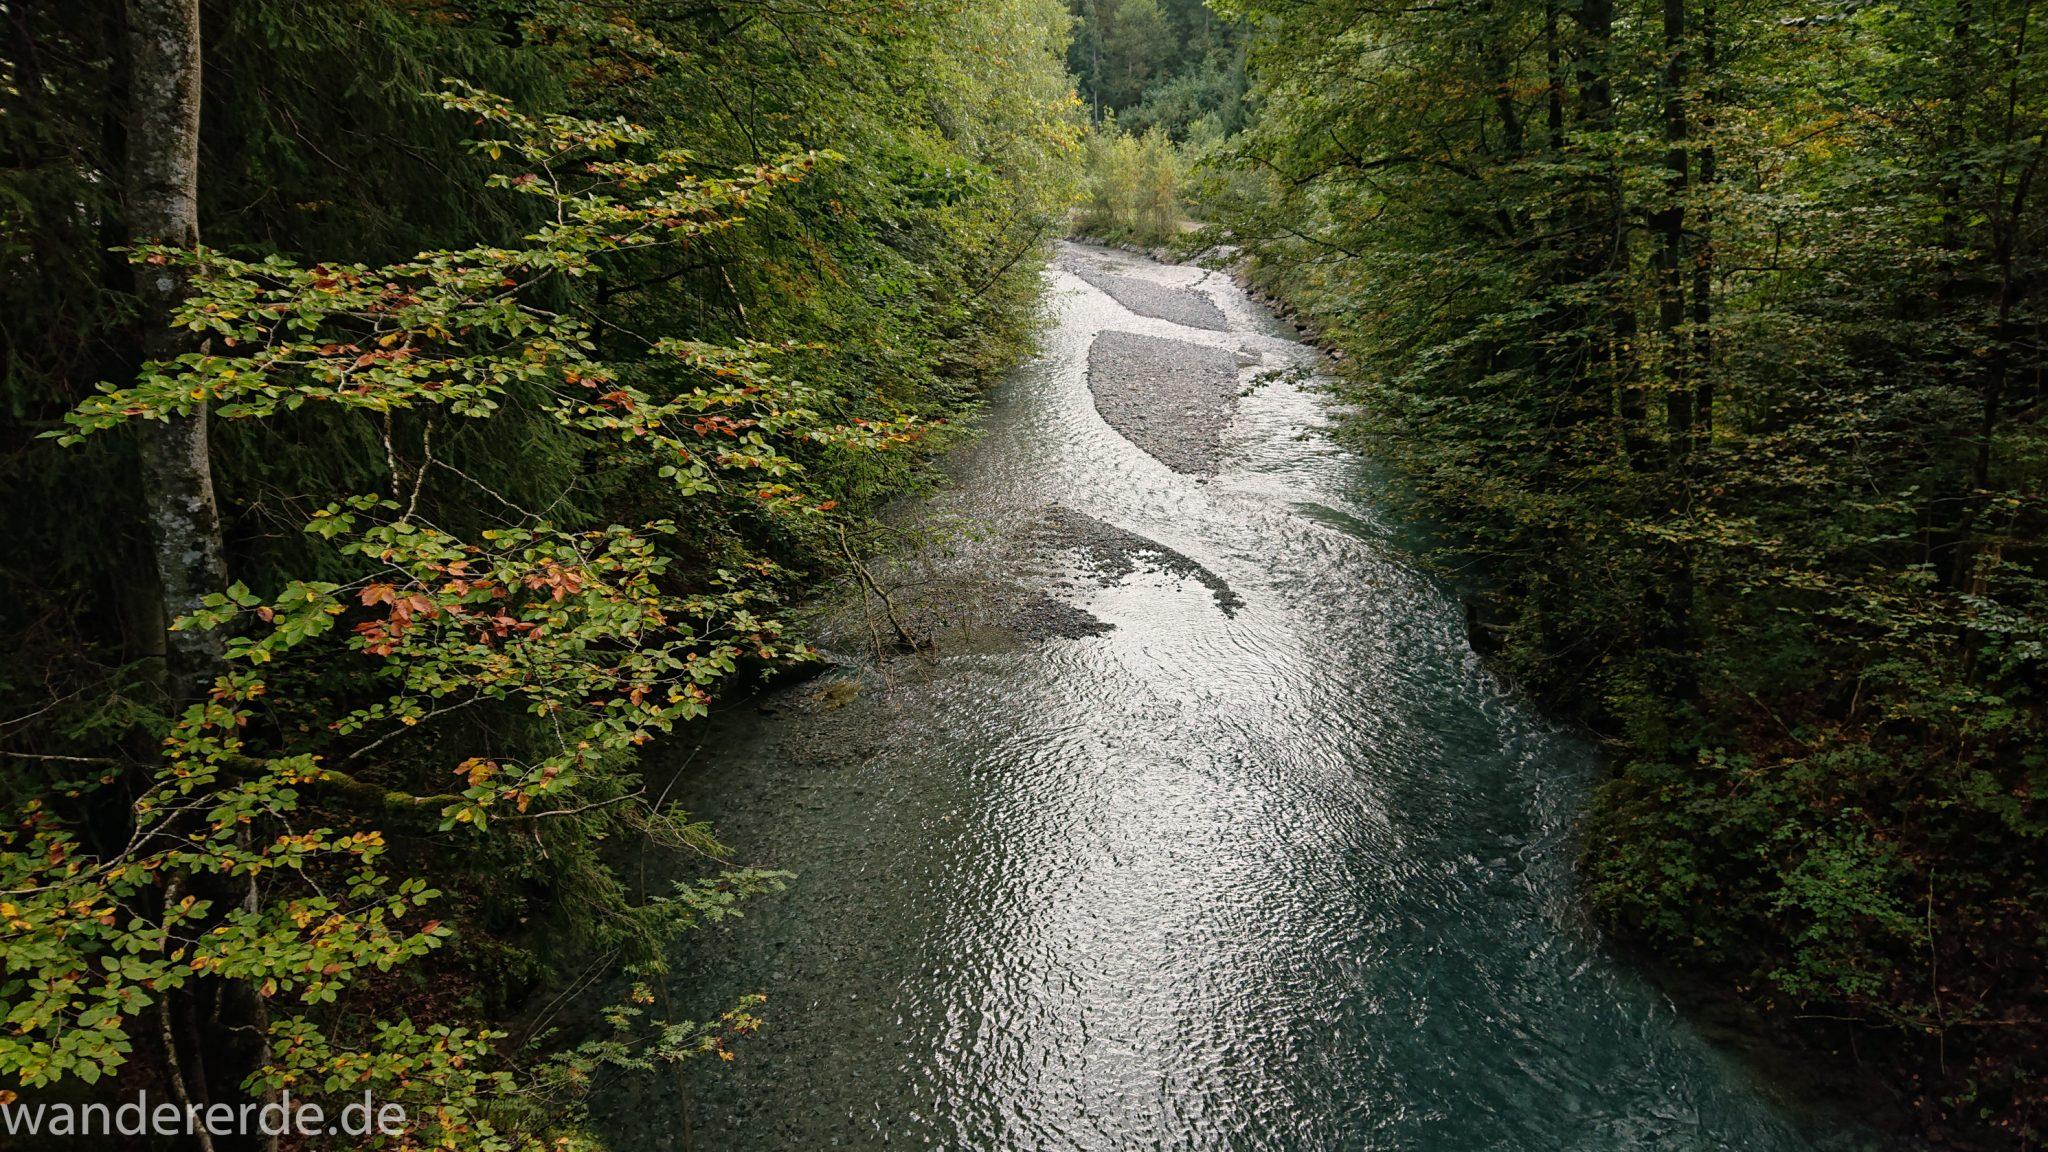 Alpenüberquerung Fernwanderweg E5 Oberstdorf Meran, 1. Etappe von Oberstdorf zur Kemptner Hütte, Wanderweg führt entlang am Fluss Trettach, Aussicht von einer Brücke umgeben von grünem Wald